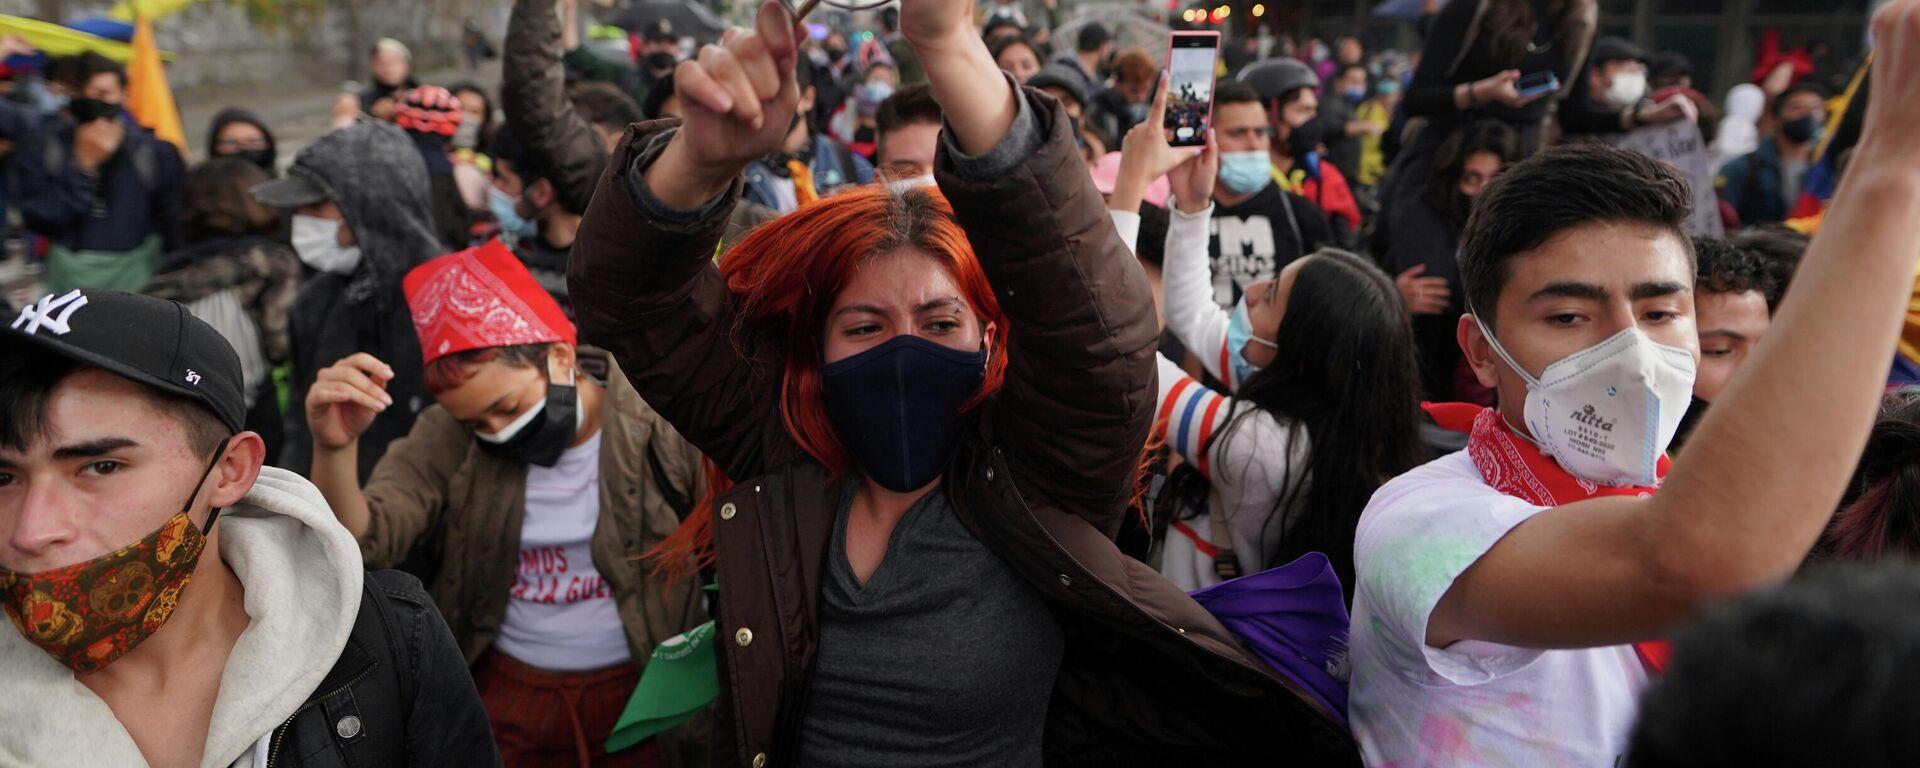 Manifestantes durante una protesta contra el Gobierno en Bogotá el 4 de mayo de 2021 - Sputnik Mundo, 1920, 05.05.2021